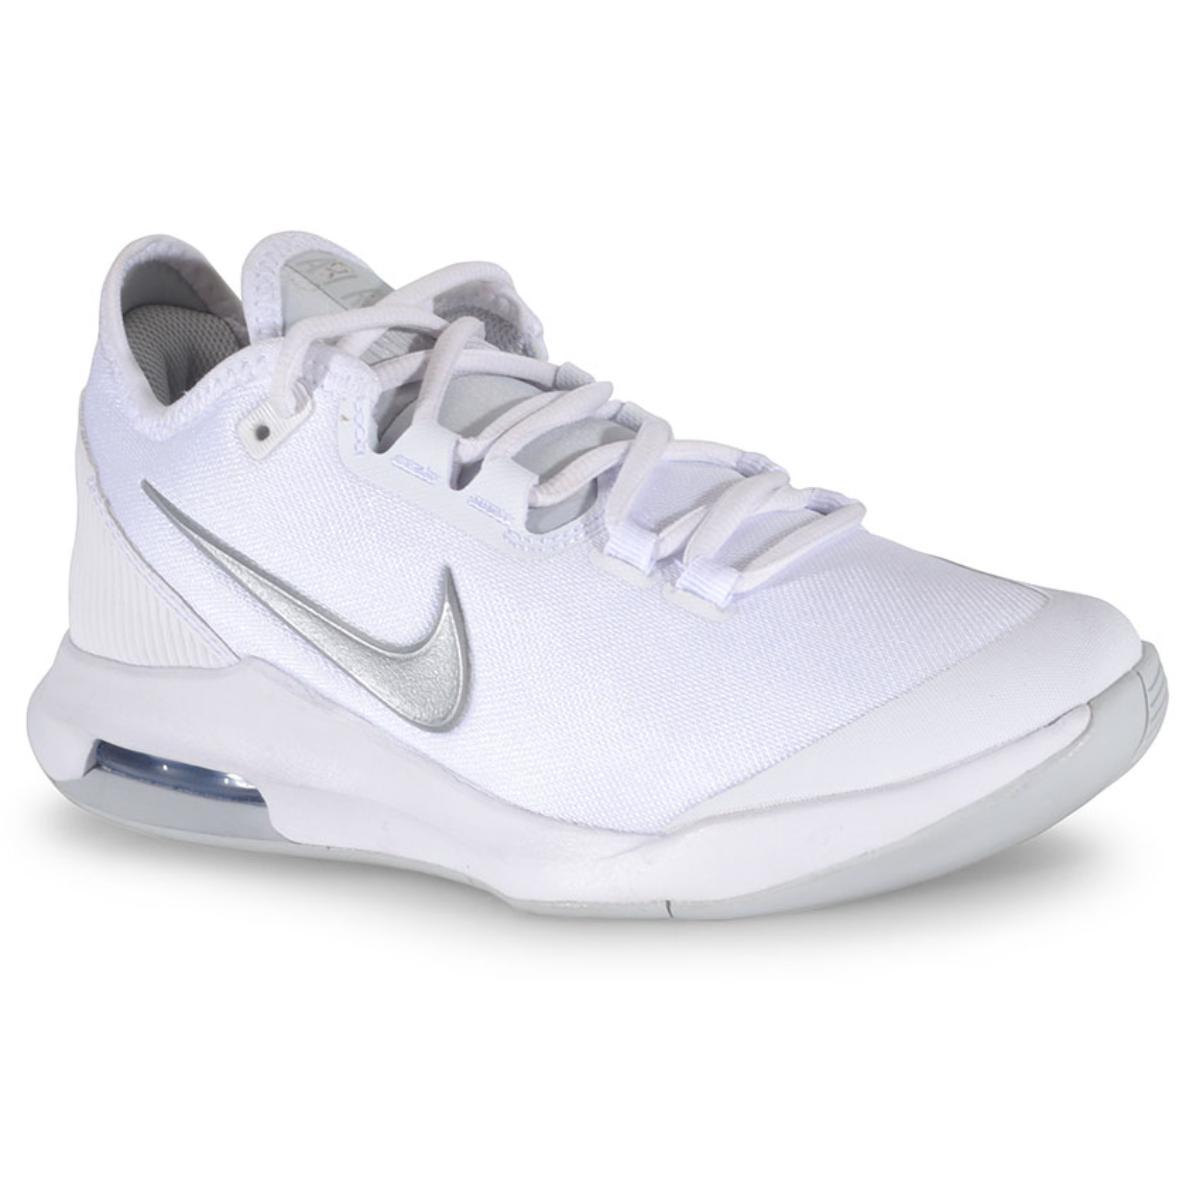 Tênis Feminino Nike Ao7353-100 Air Max Wildcard Branco